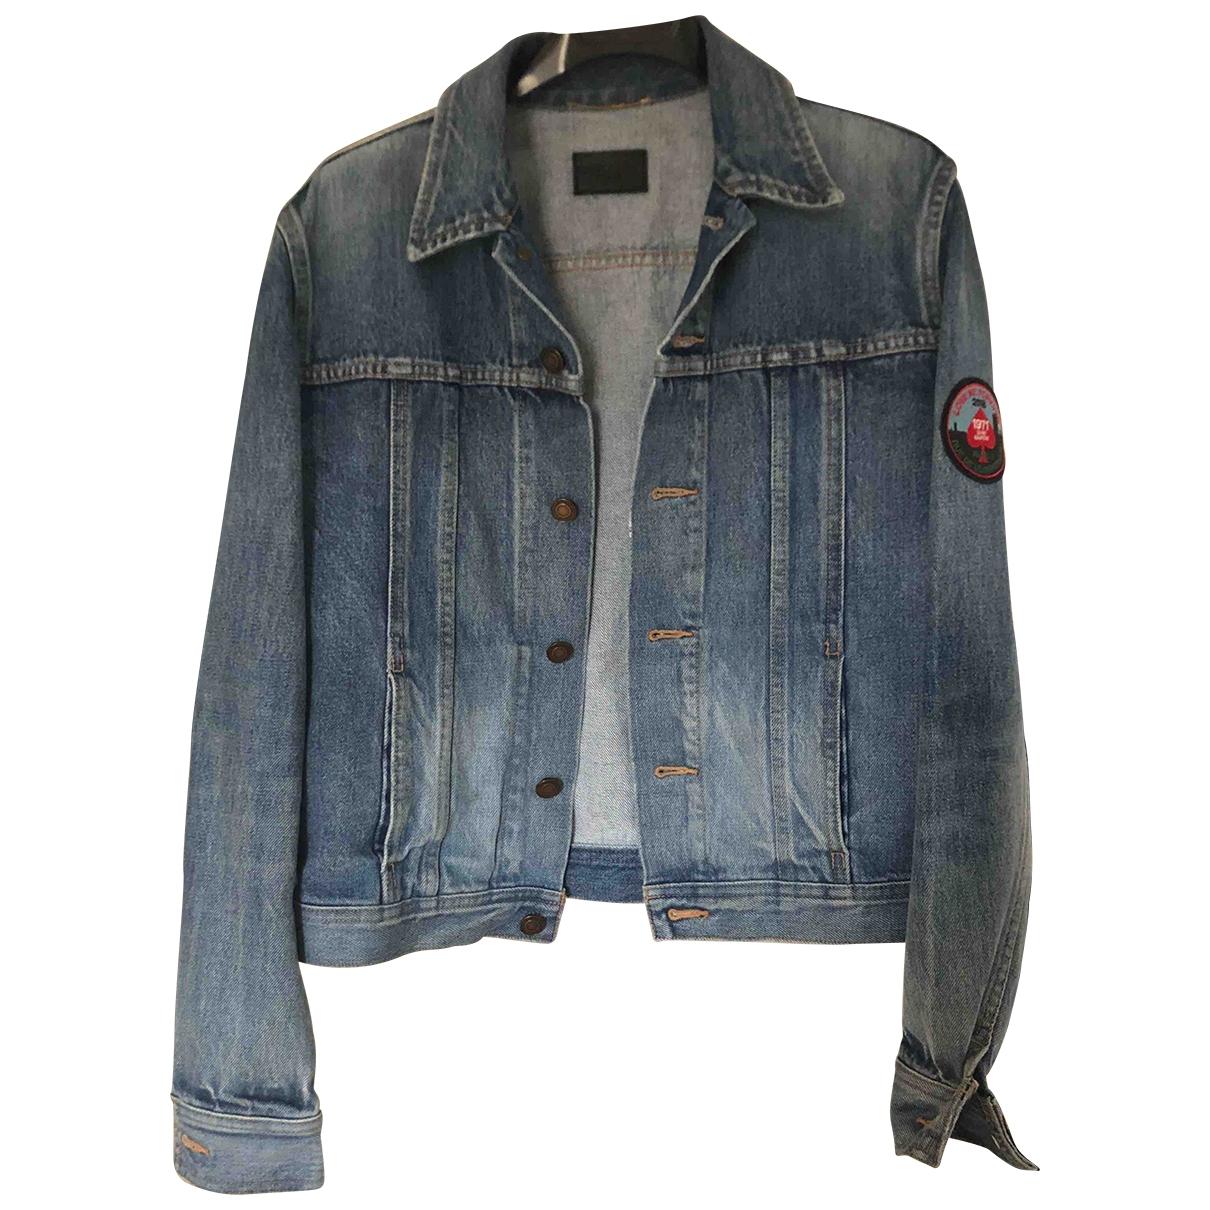 Saint Laurent \N Jacke in  Blau Denim - Jeans